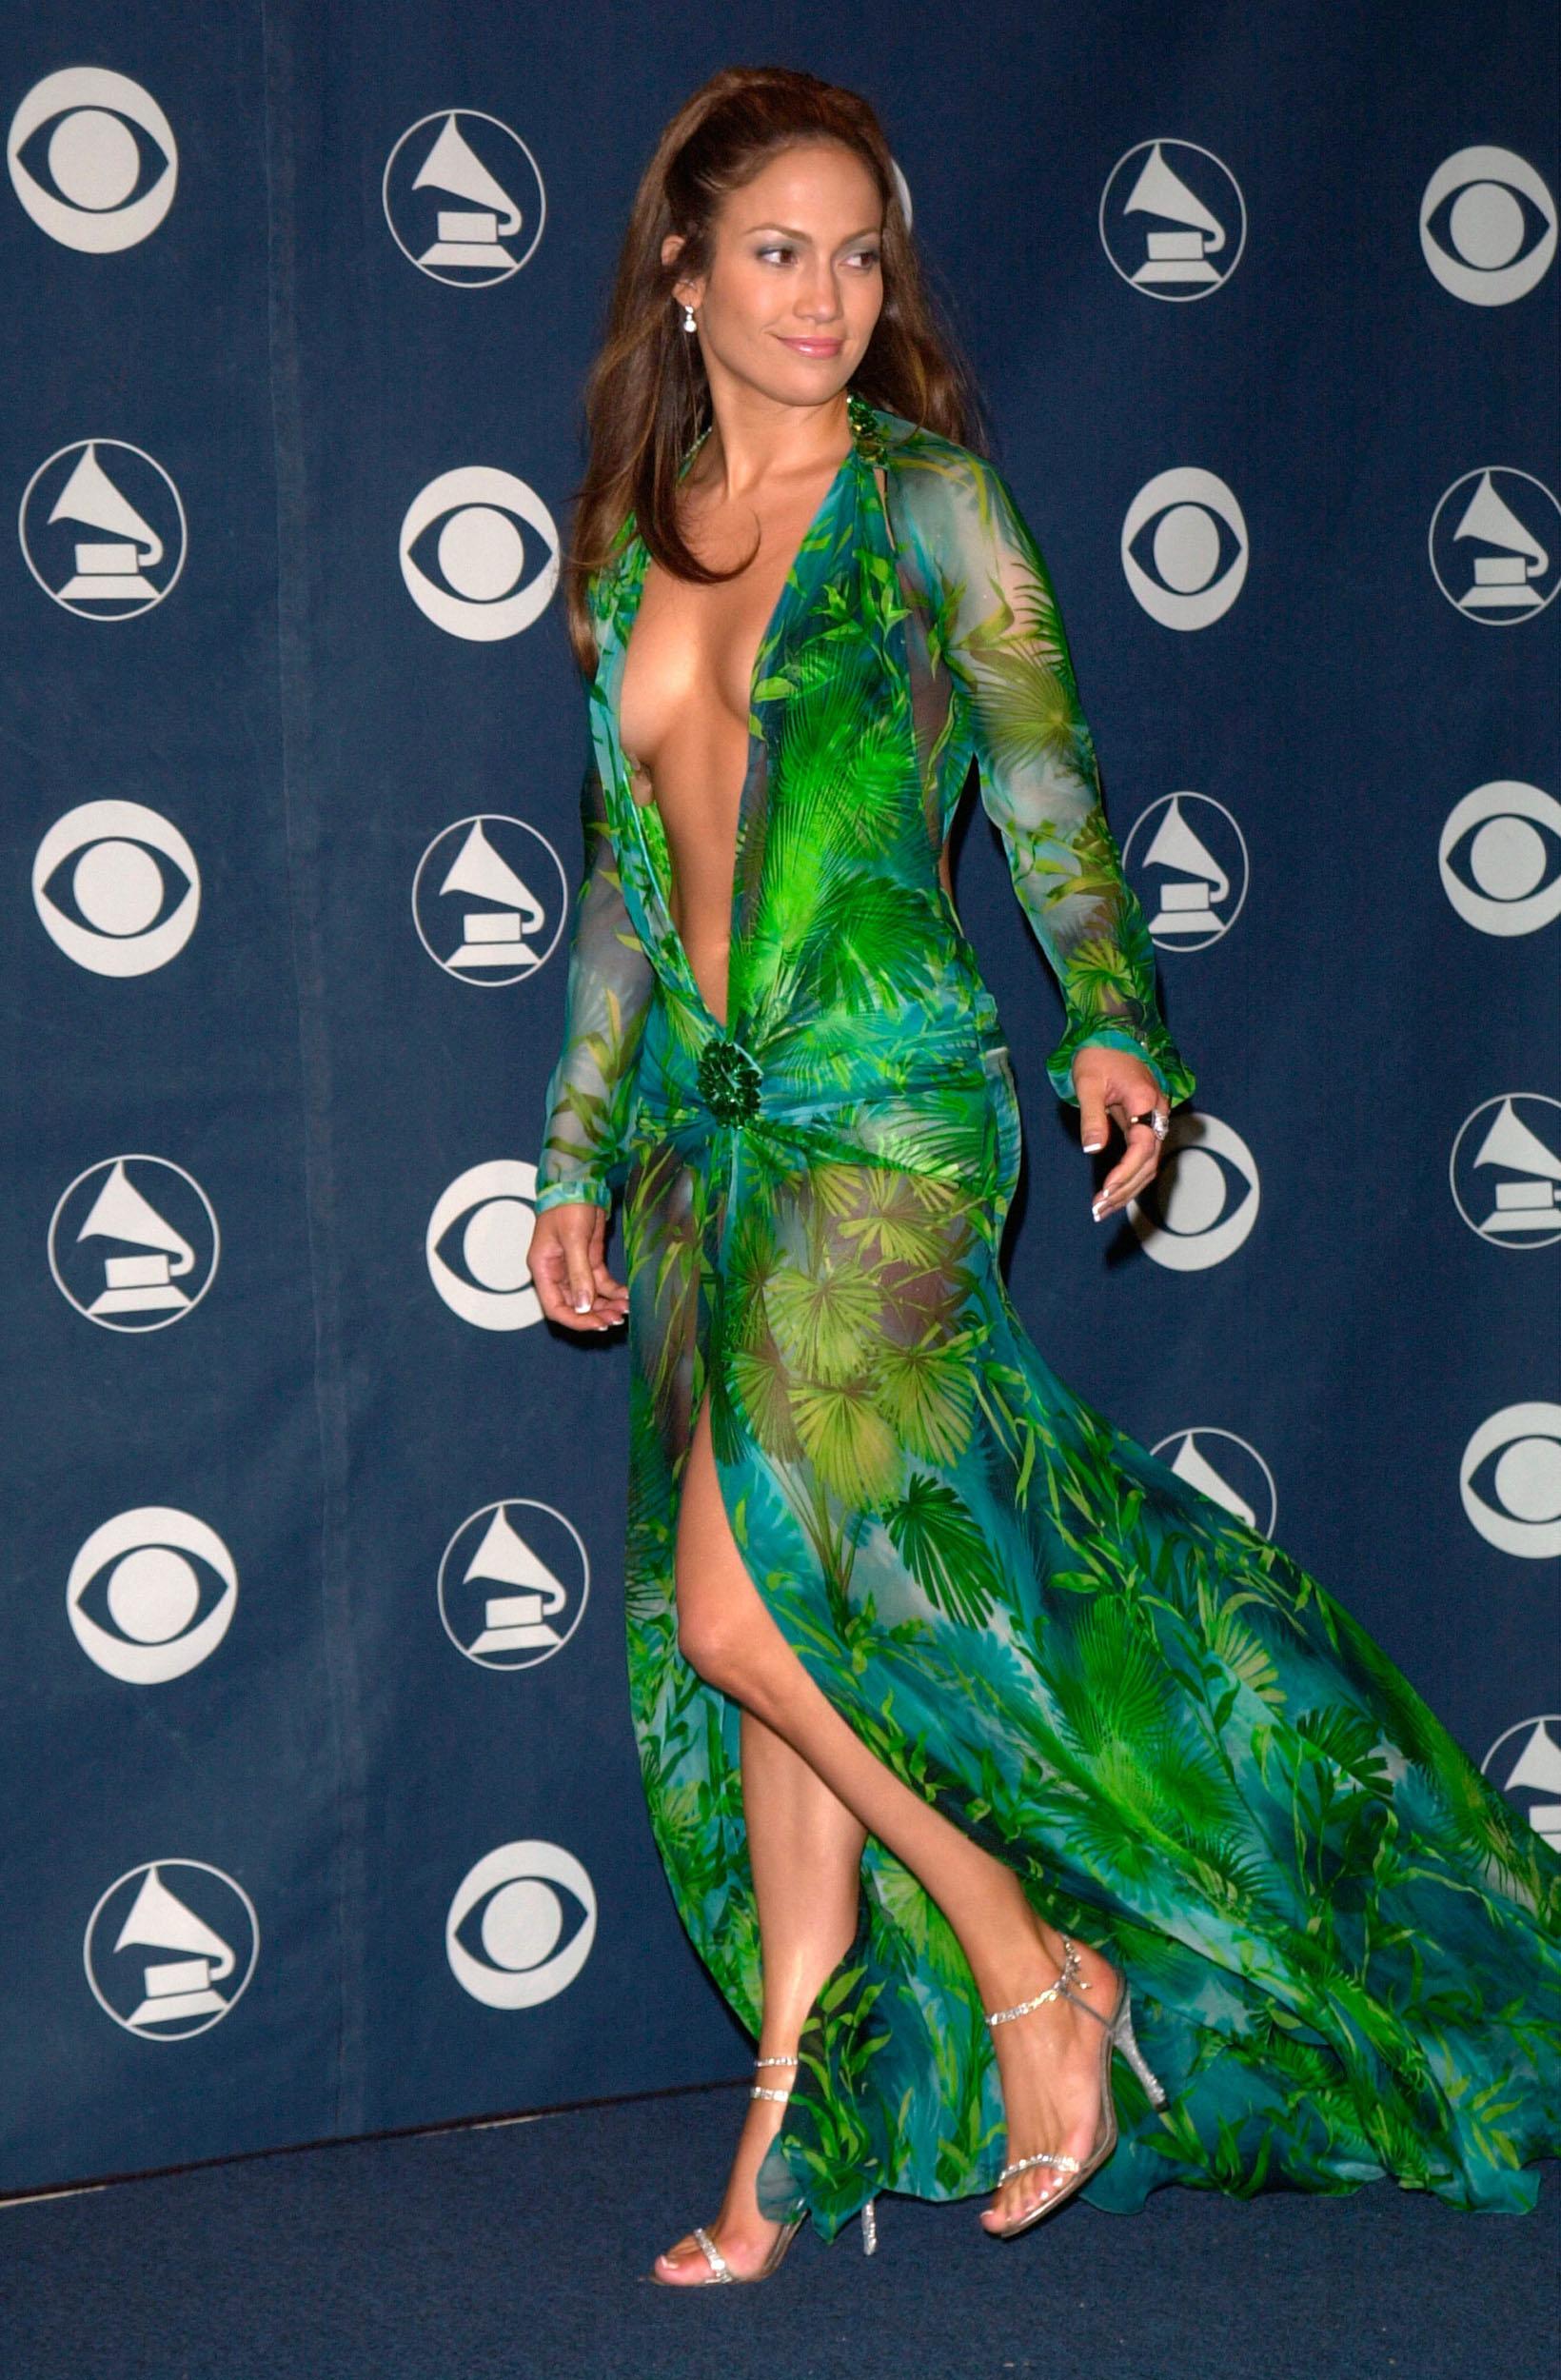 jlo 2000 grammy dress